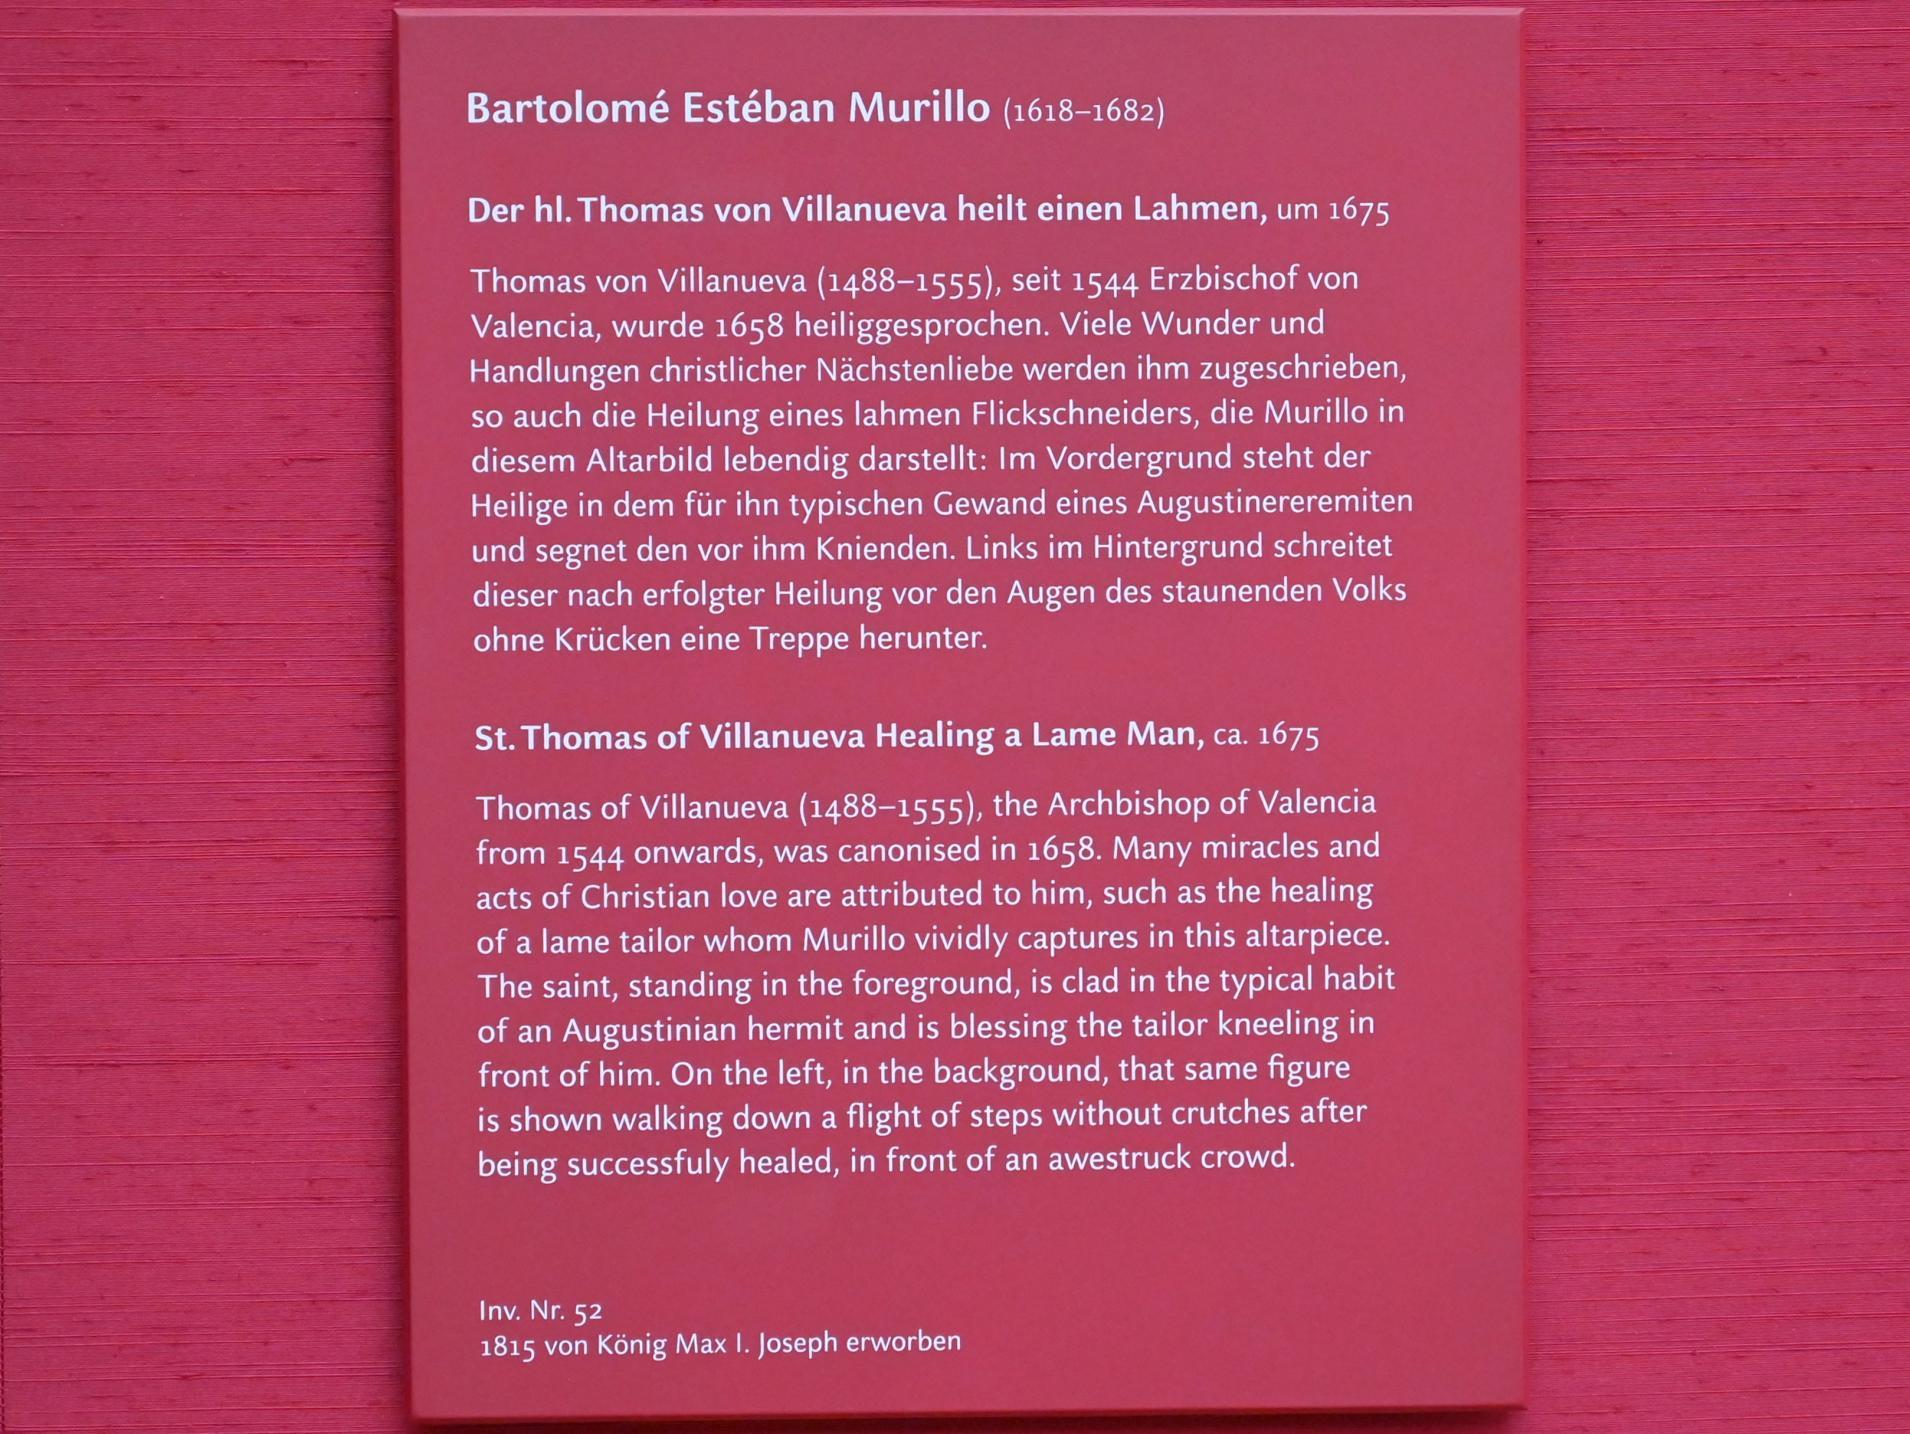 Bartolomé Esteban Murillo: Der hl. Thomas von Villanueva heilt einen Lahmen, um 1675, Bild 2/2